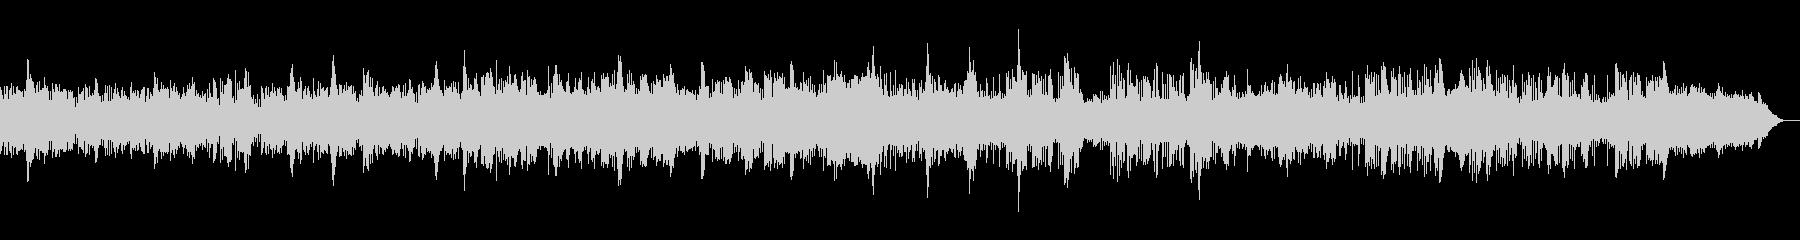 土砂降りのダークメルヘンファンタジーの未再生の波形